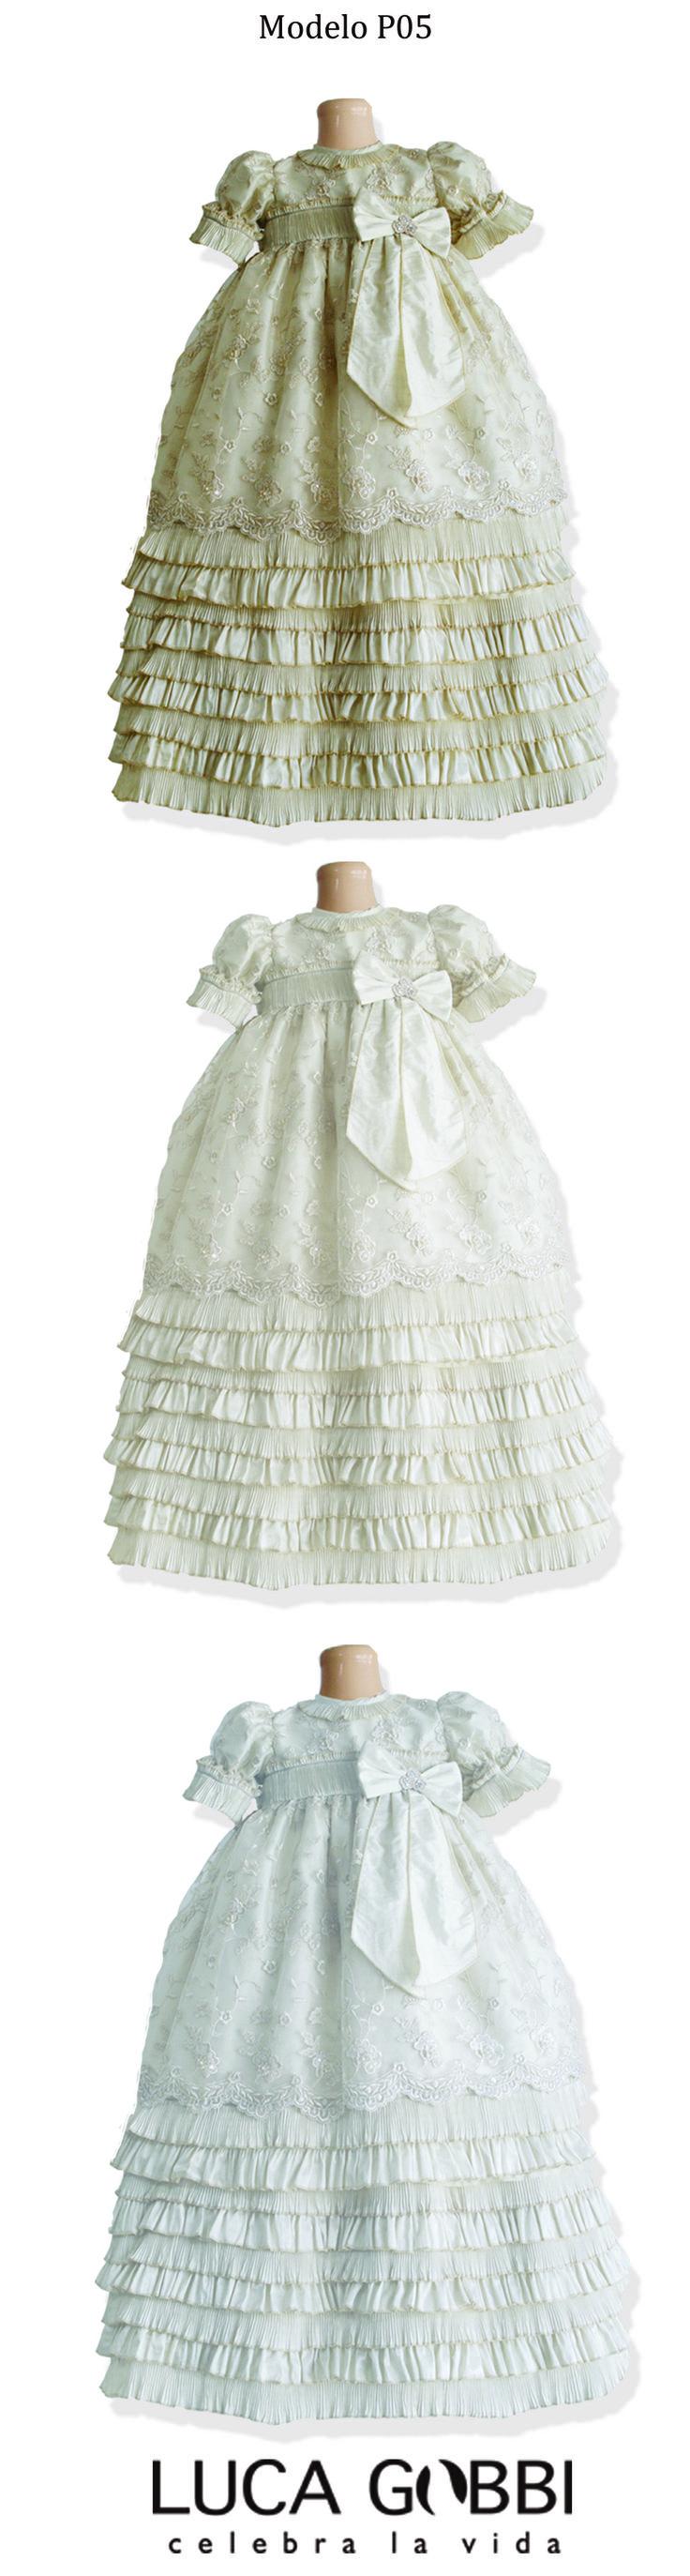 Encuentra el estilo perfecto para tu Bebé en este Hermoso Modelo, Disponible en nuestra colección de Ropones de Bautizo para Niña. Más detalles→ www.lucagobbi.com/coleccion/p05  #Ropon #Bautizo